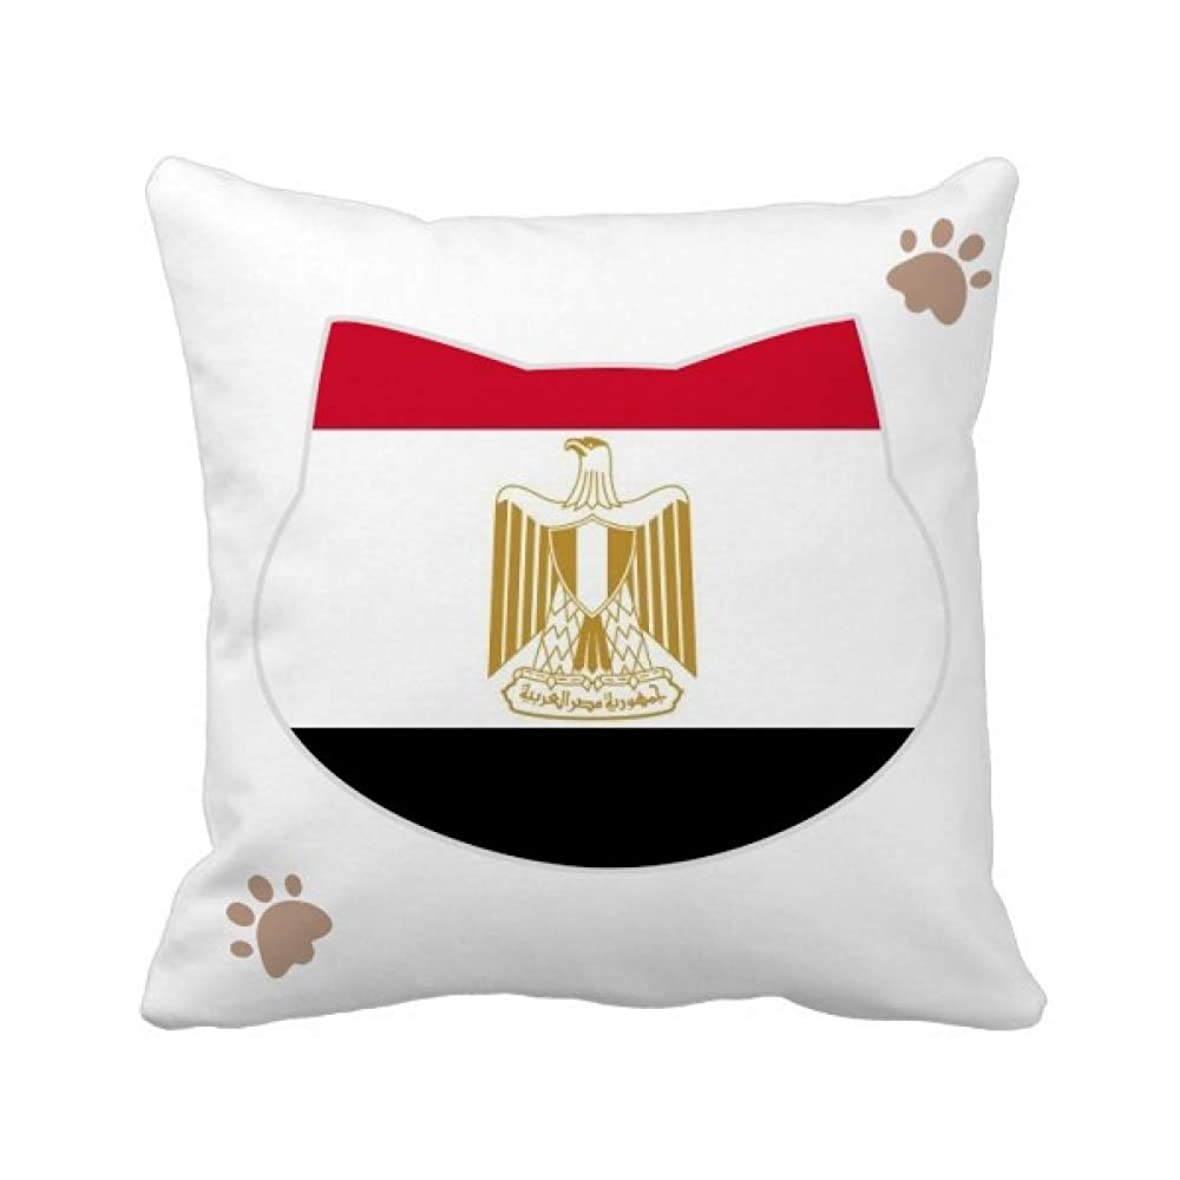 カリキュラム取り除く著者エジプトの国旗のアフリカの国 枕カバーを放り投げる猫広場 50cm x 50cm